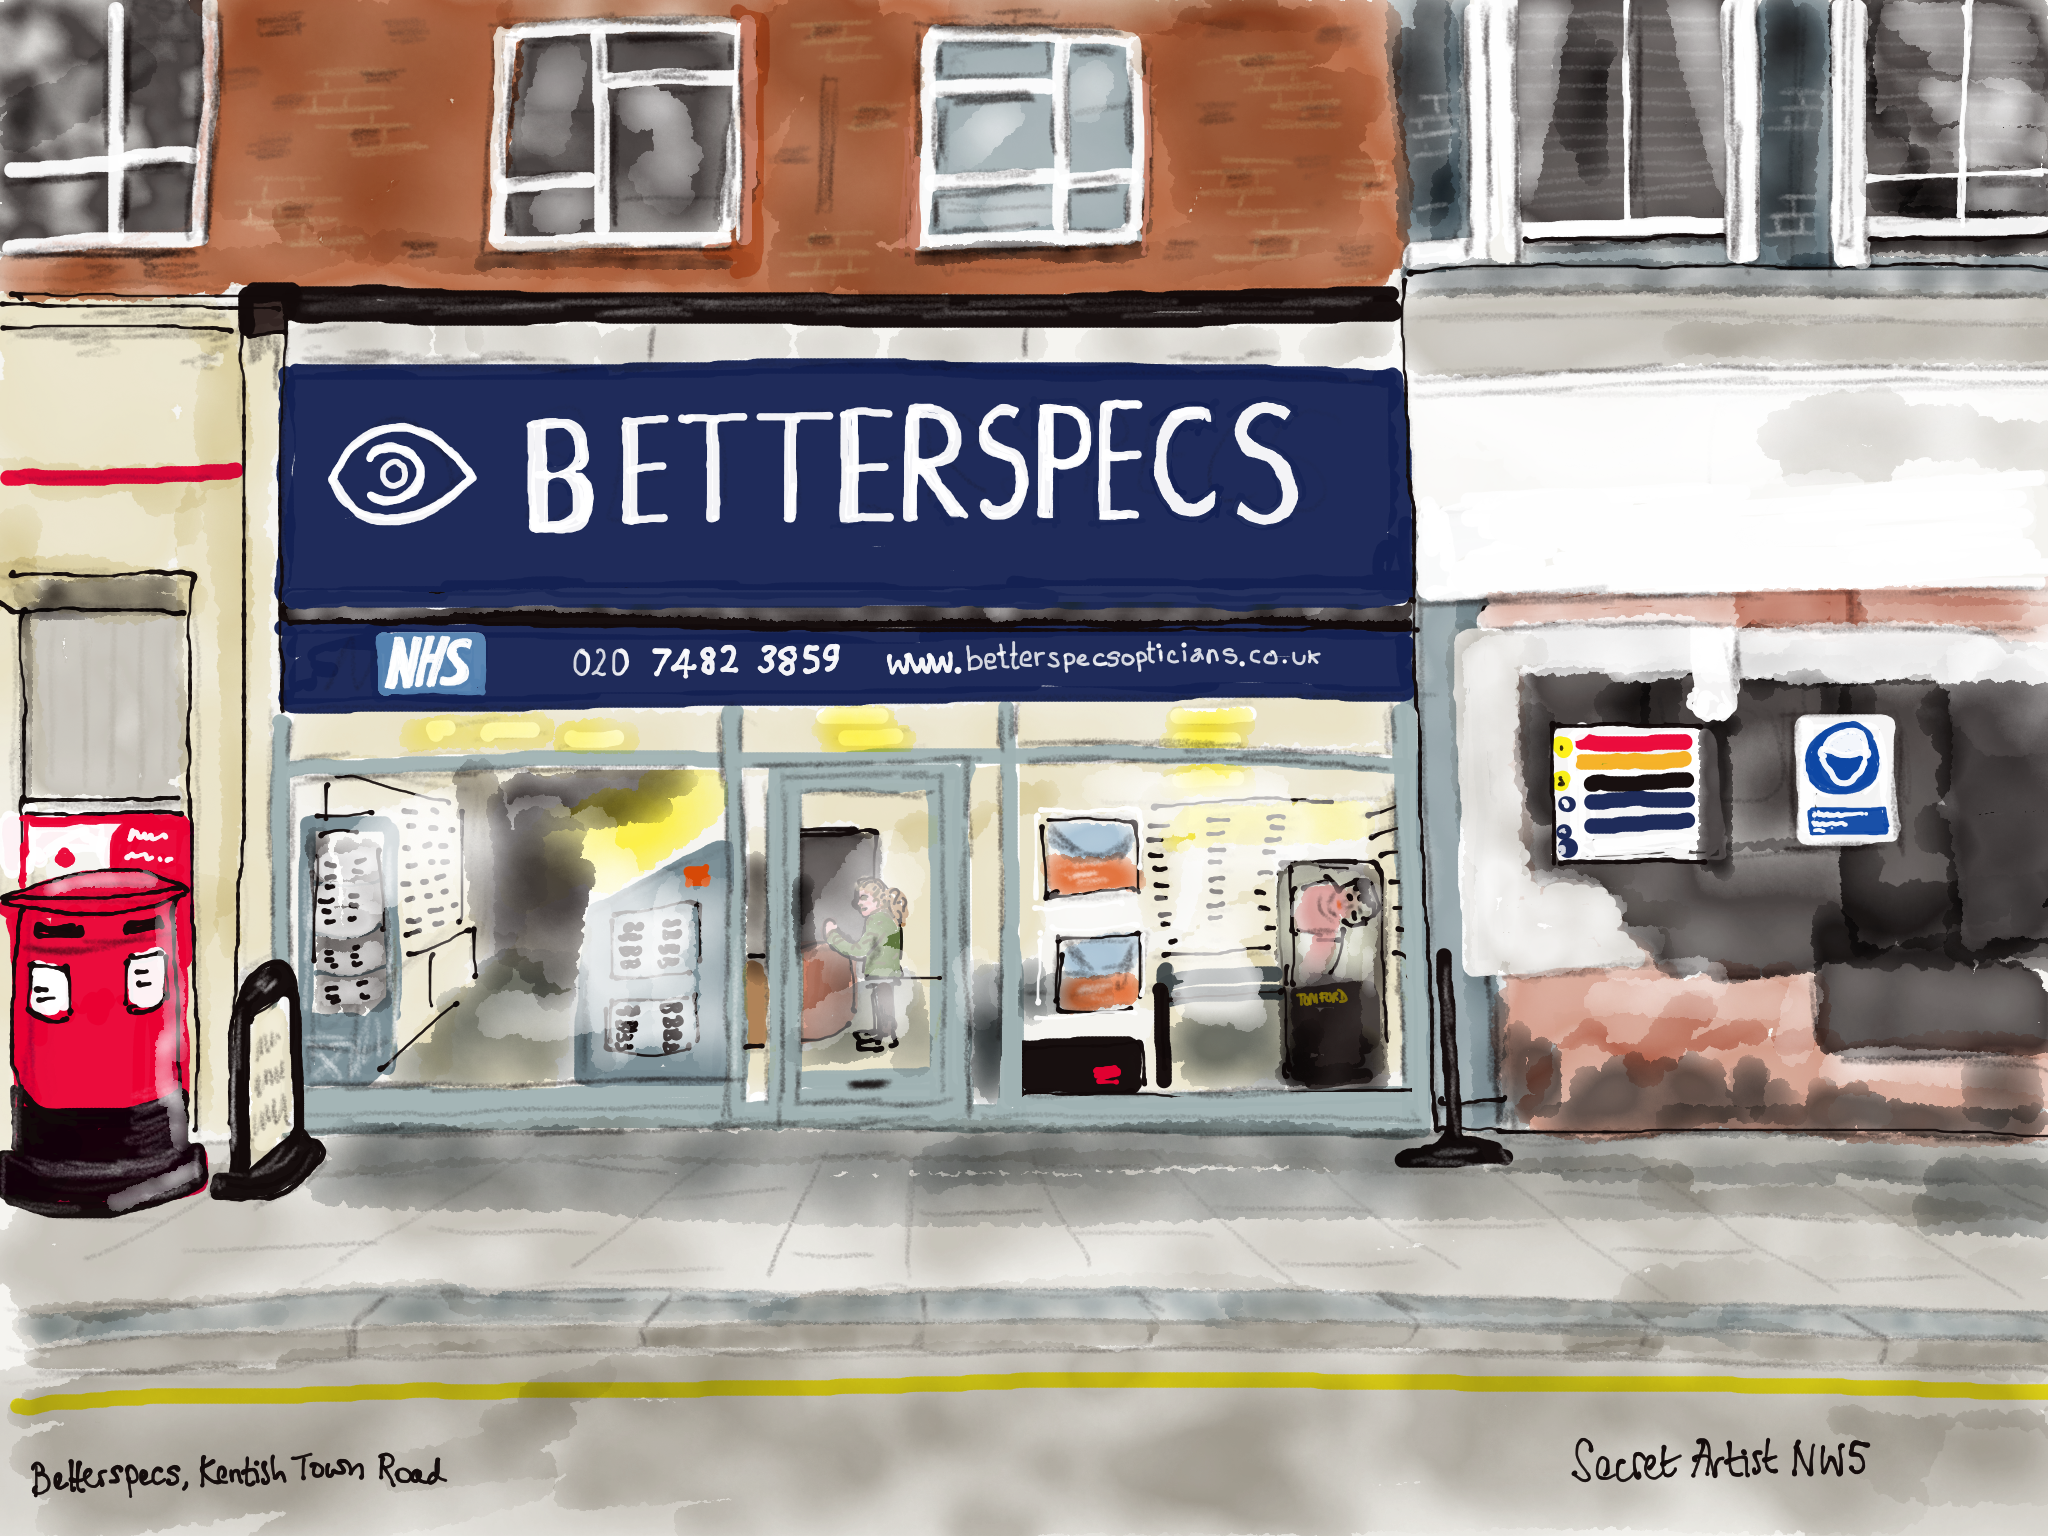 Betterspecs